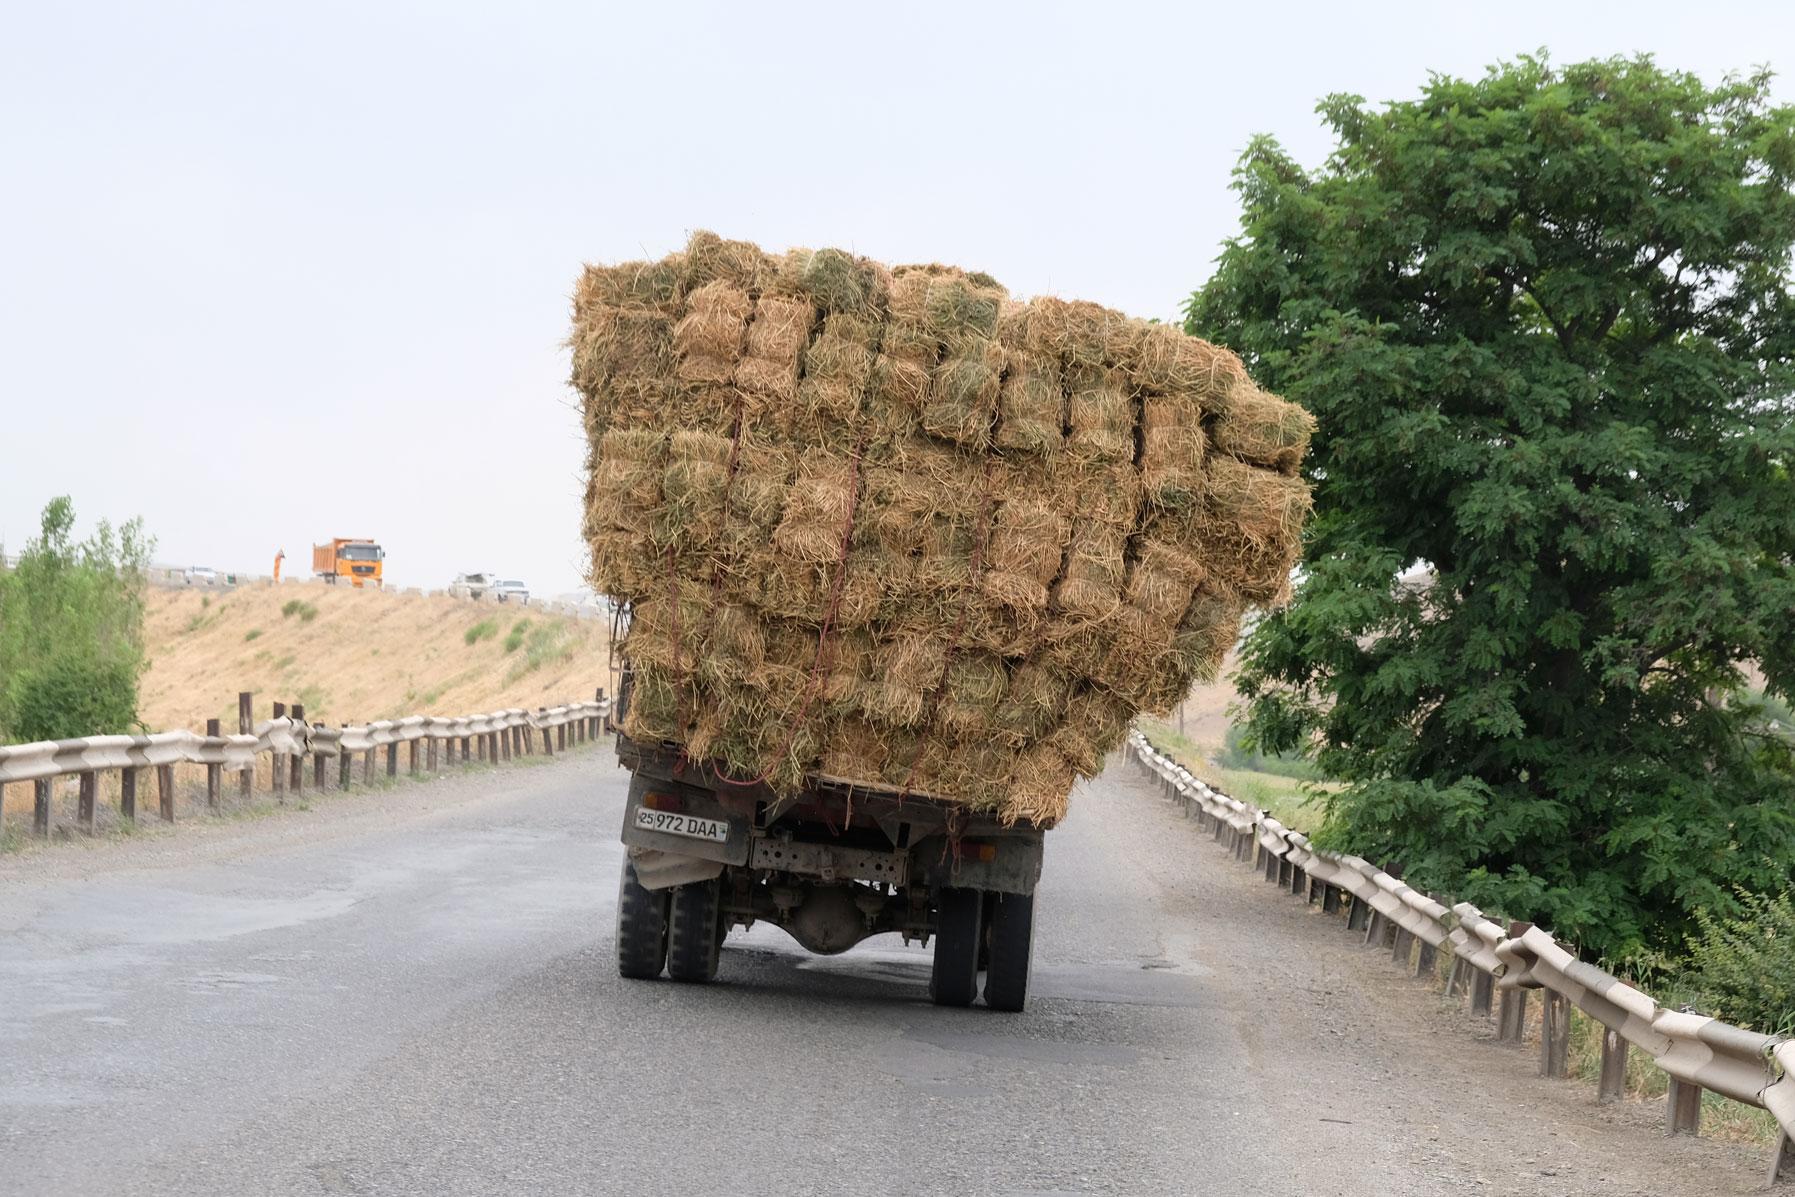 Vollbeladener Laster auf dem Weg nach Samarkand